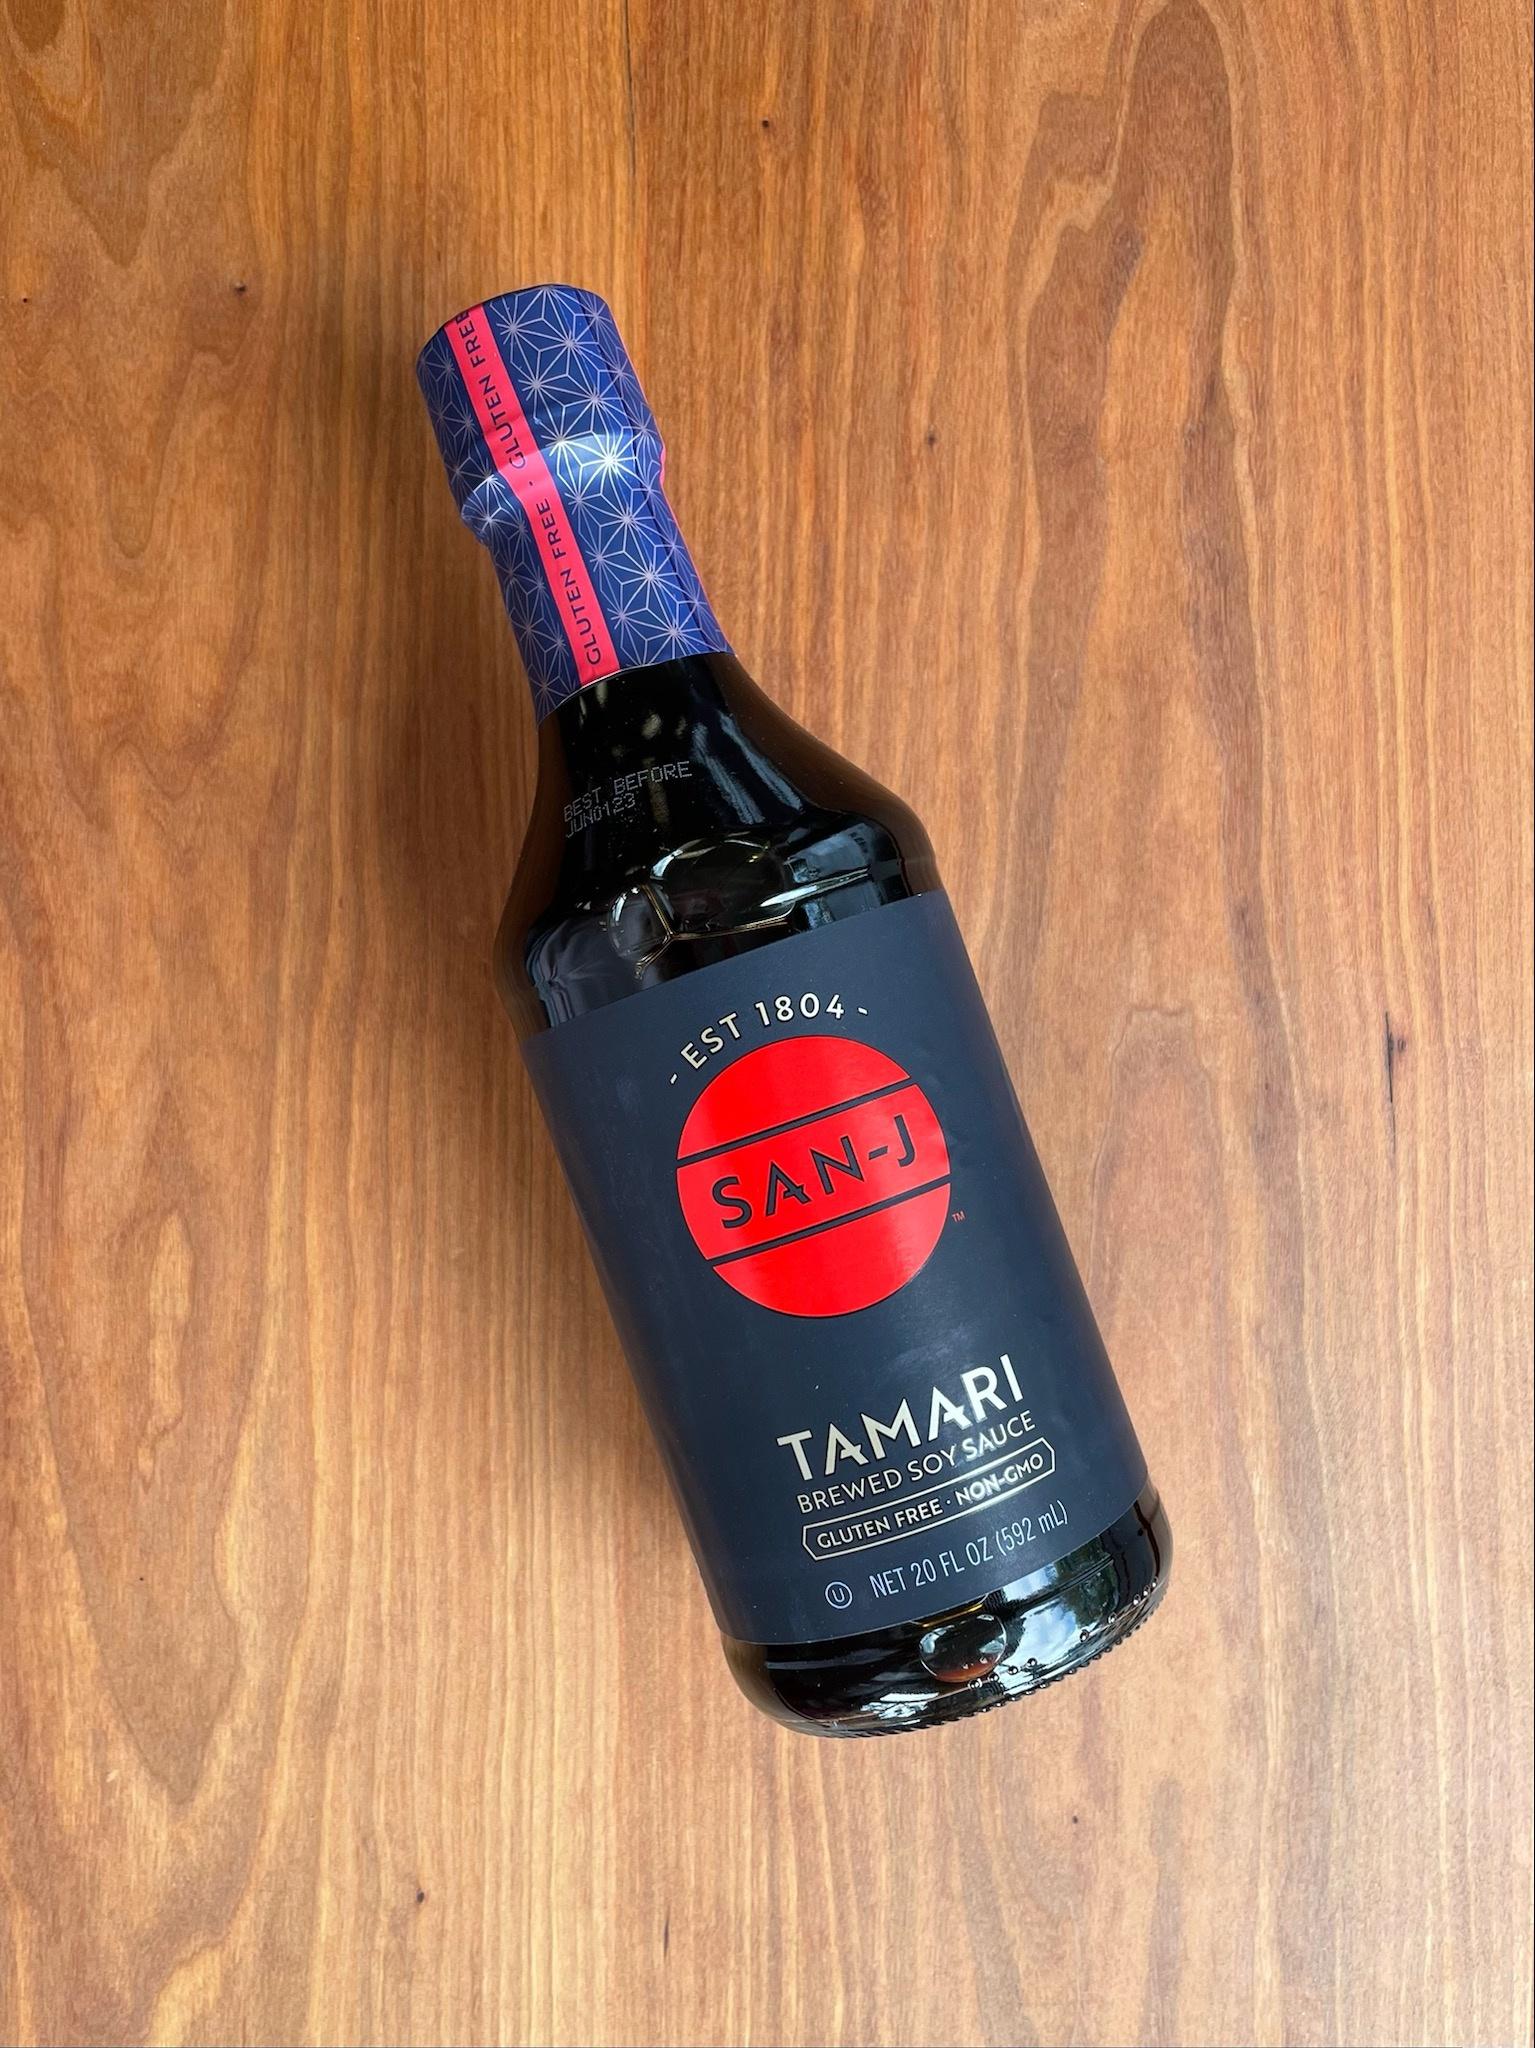 San J Tamari Soy Sauce 20 oz-1